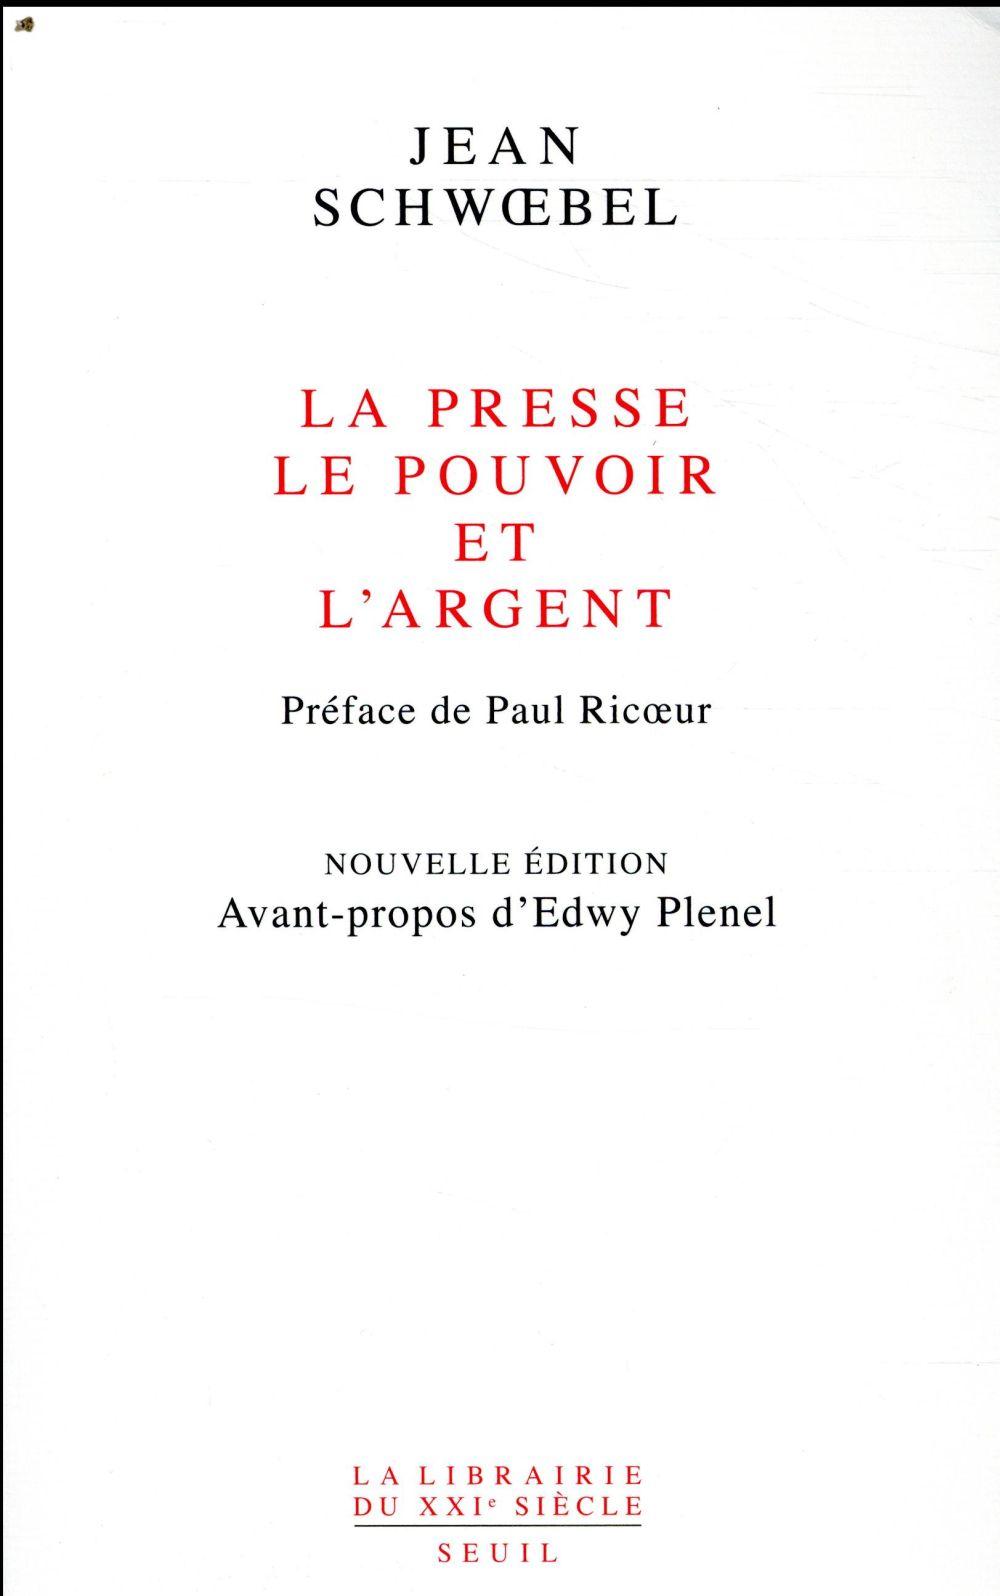 LA PRESSE, LE POUVOIR ET L'ARGENT (NOUVELLE EDITION)